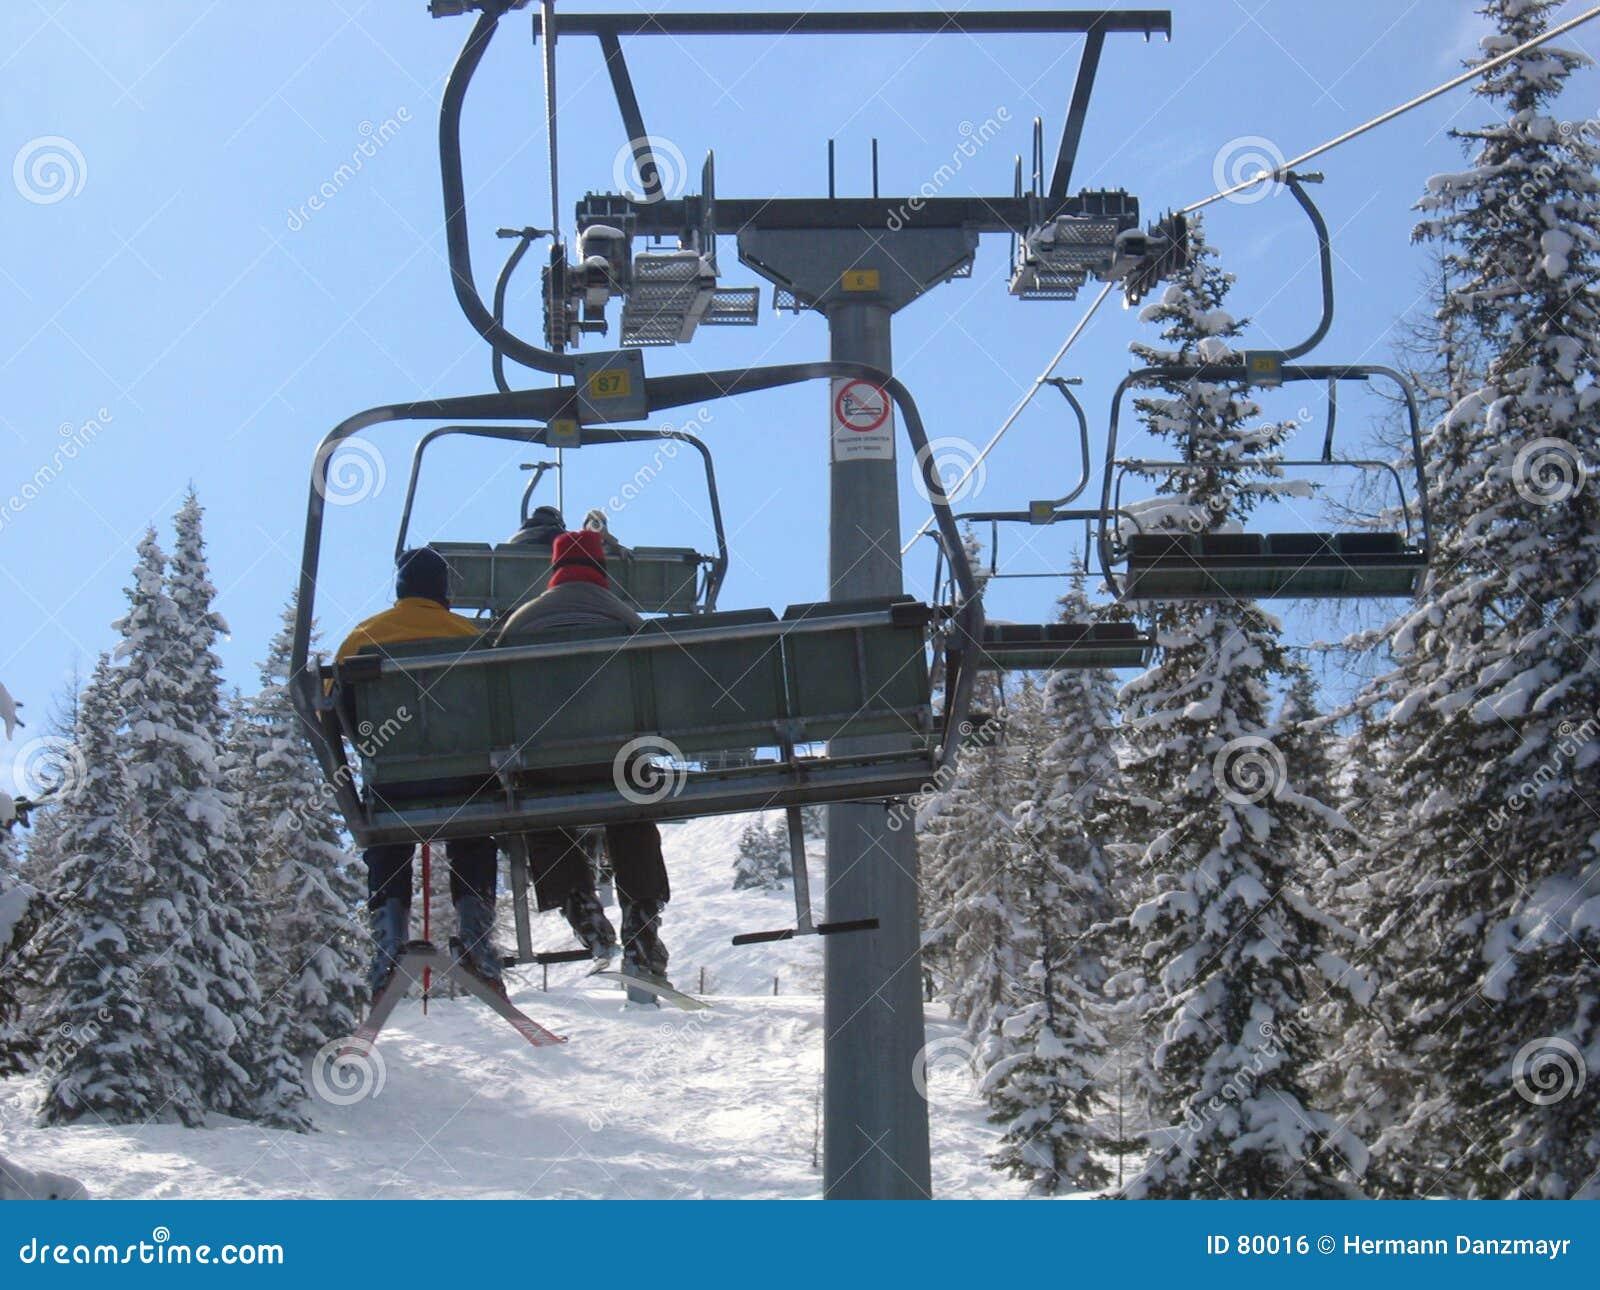 Austria krzesła na narty dźwigów